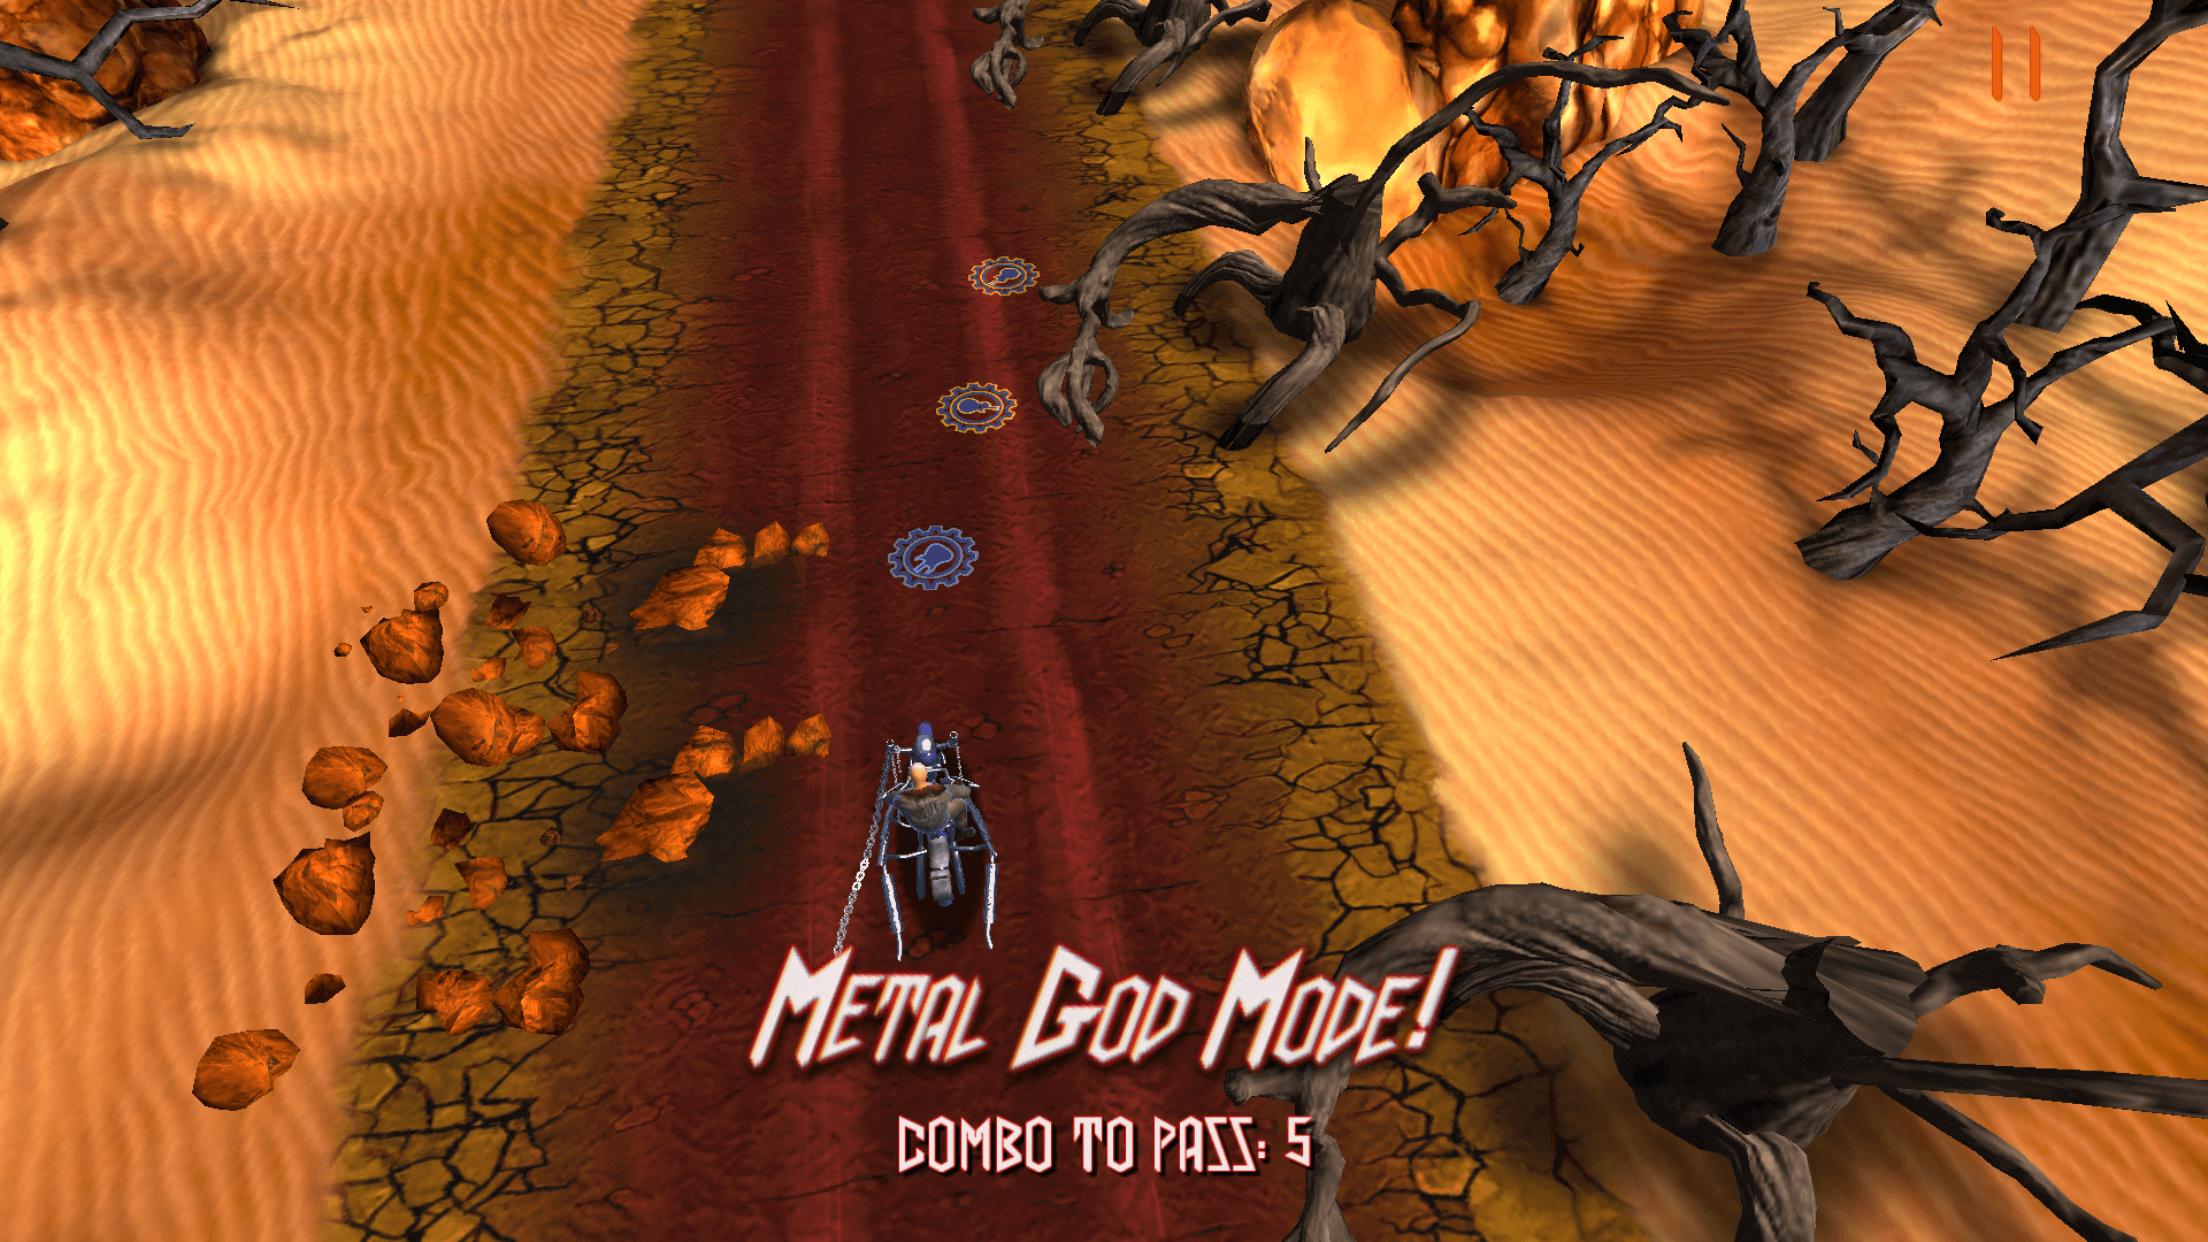 Judas Priest(ジューダス・プリースト)の[Road to Valhalla]ゲームのメタルゴッドモード(METAL GOD MODE)の画面